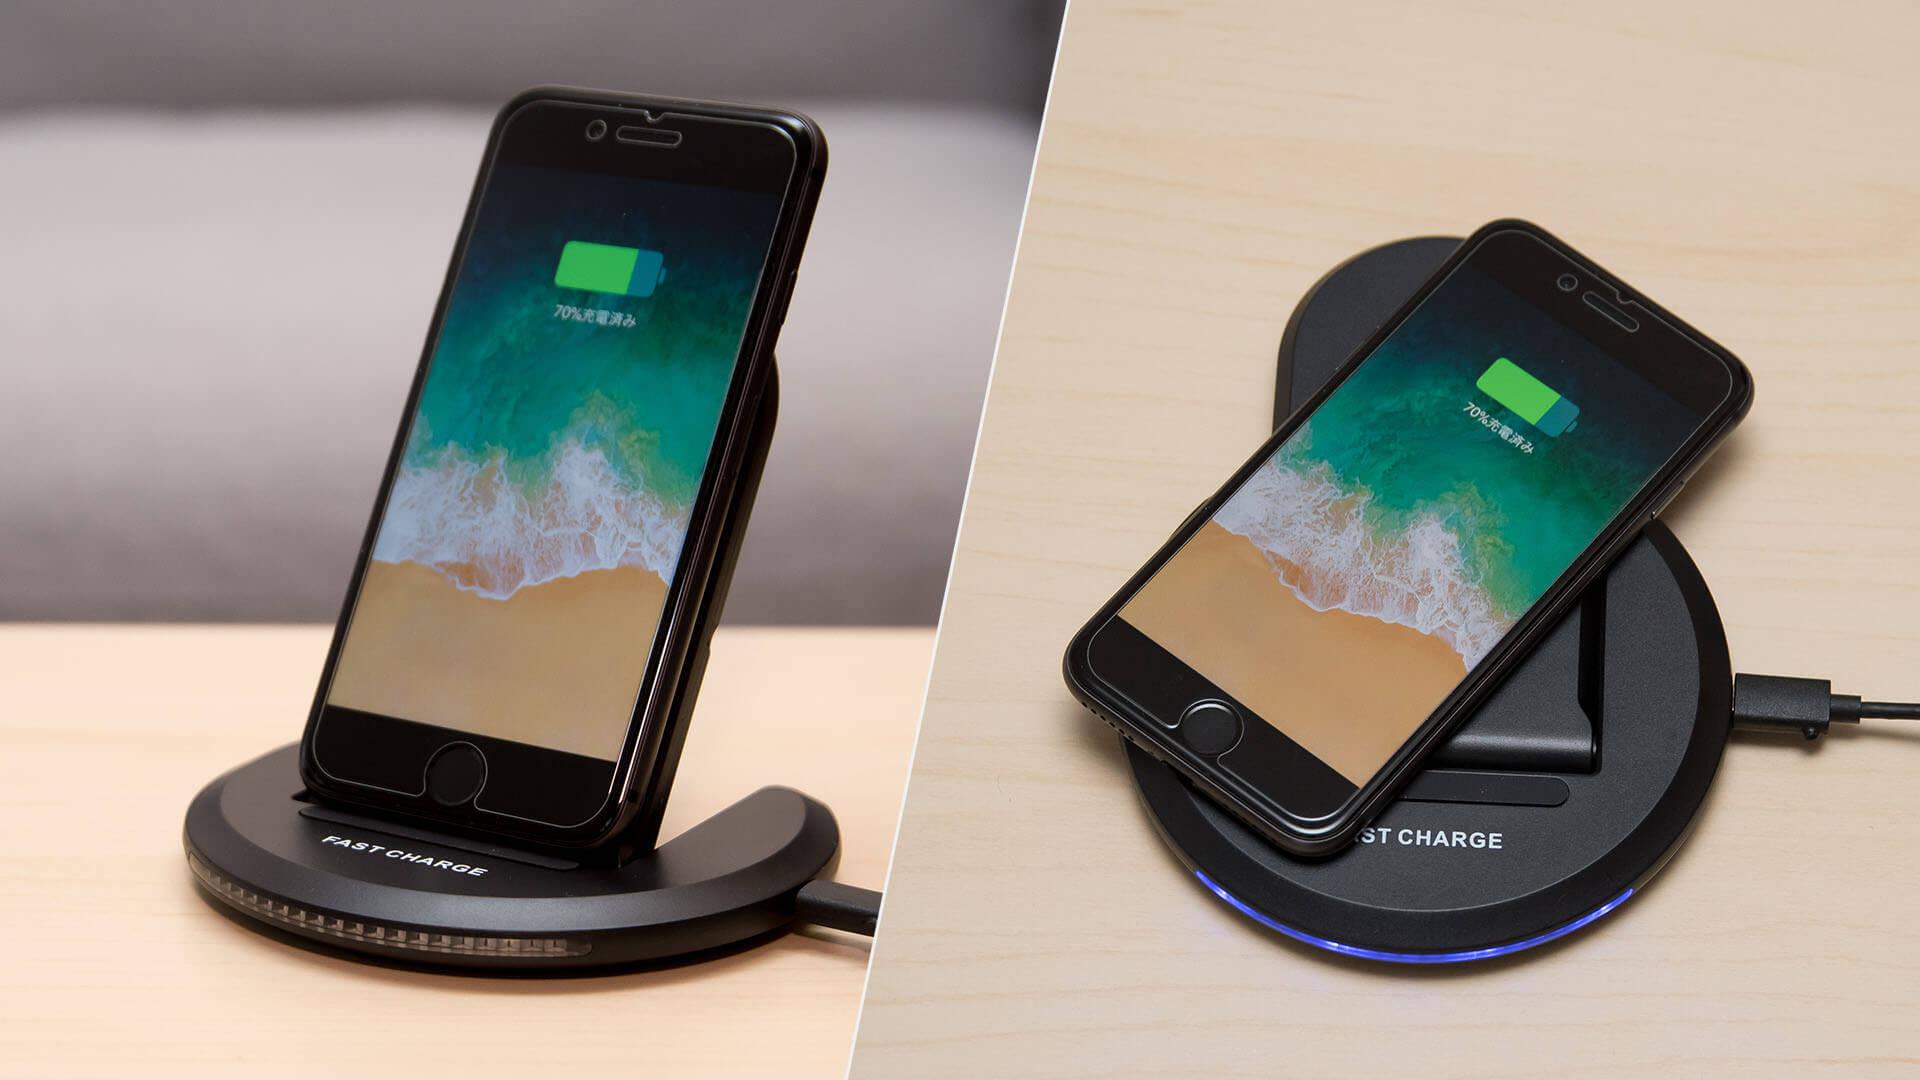 立てても寝かせても使えるiPhone 8対応のワイヤレス充電器が便利